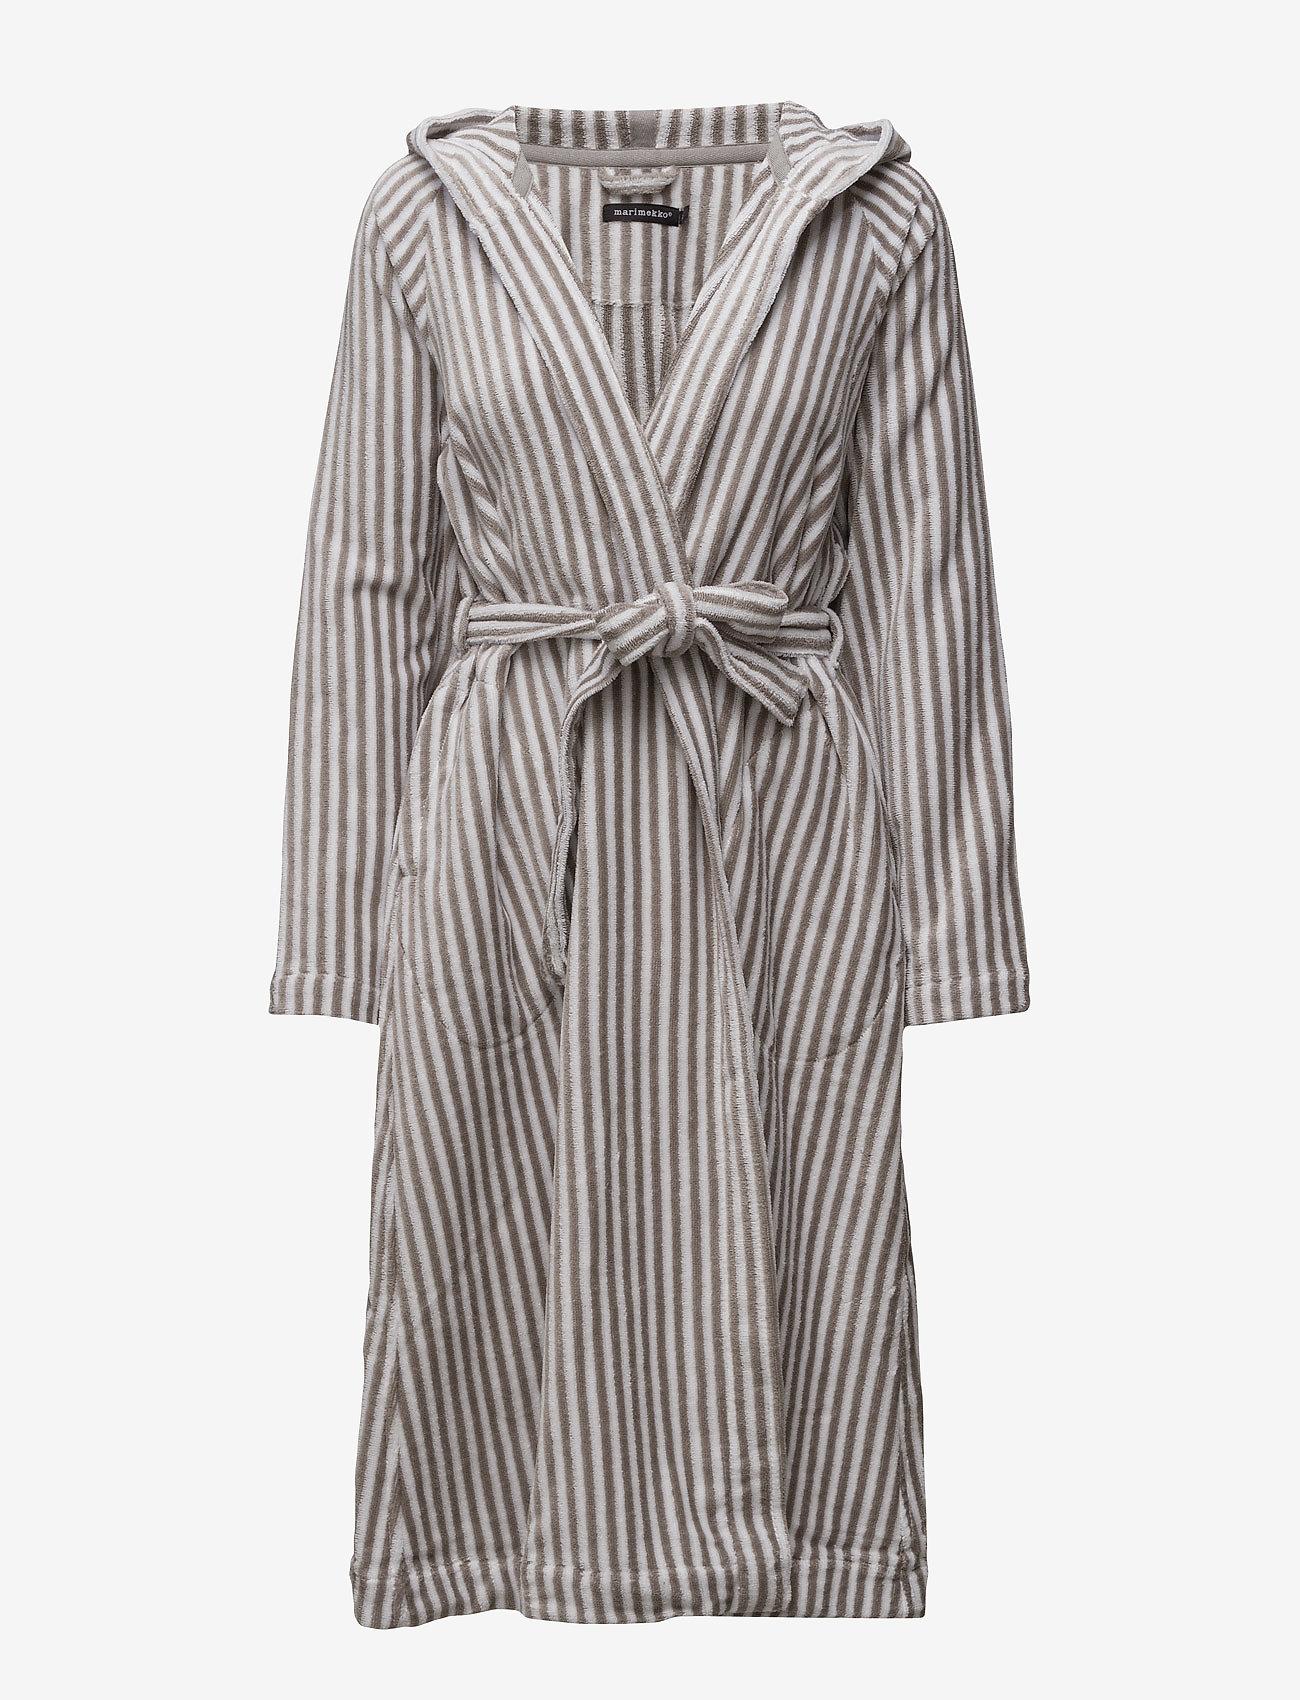 Marimekko Home - SIRO MARI BATHROBE - bathrobes - grey, white - 0